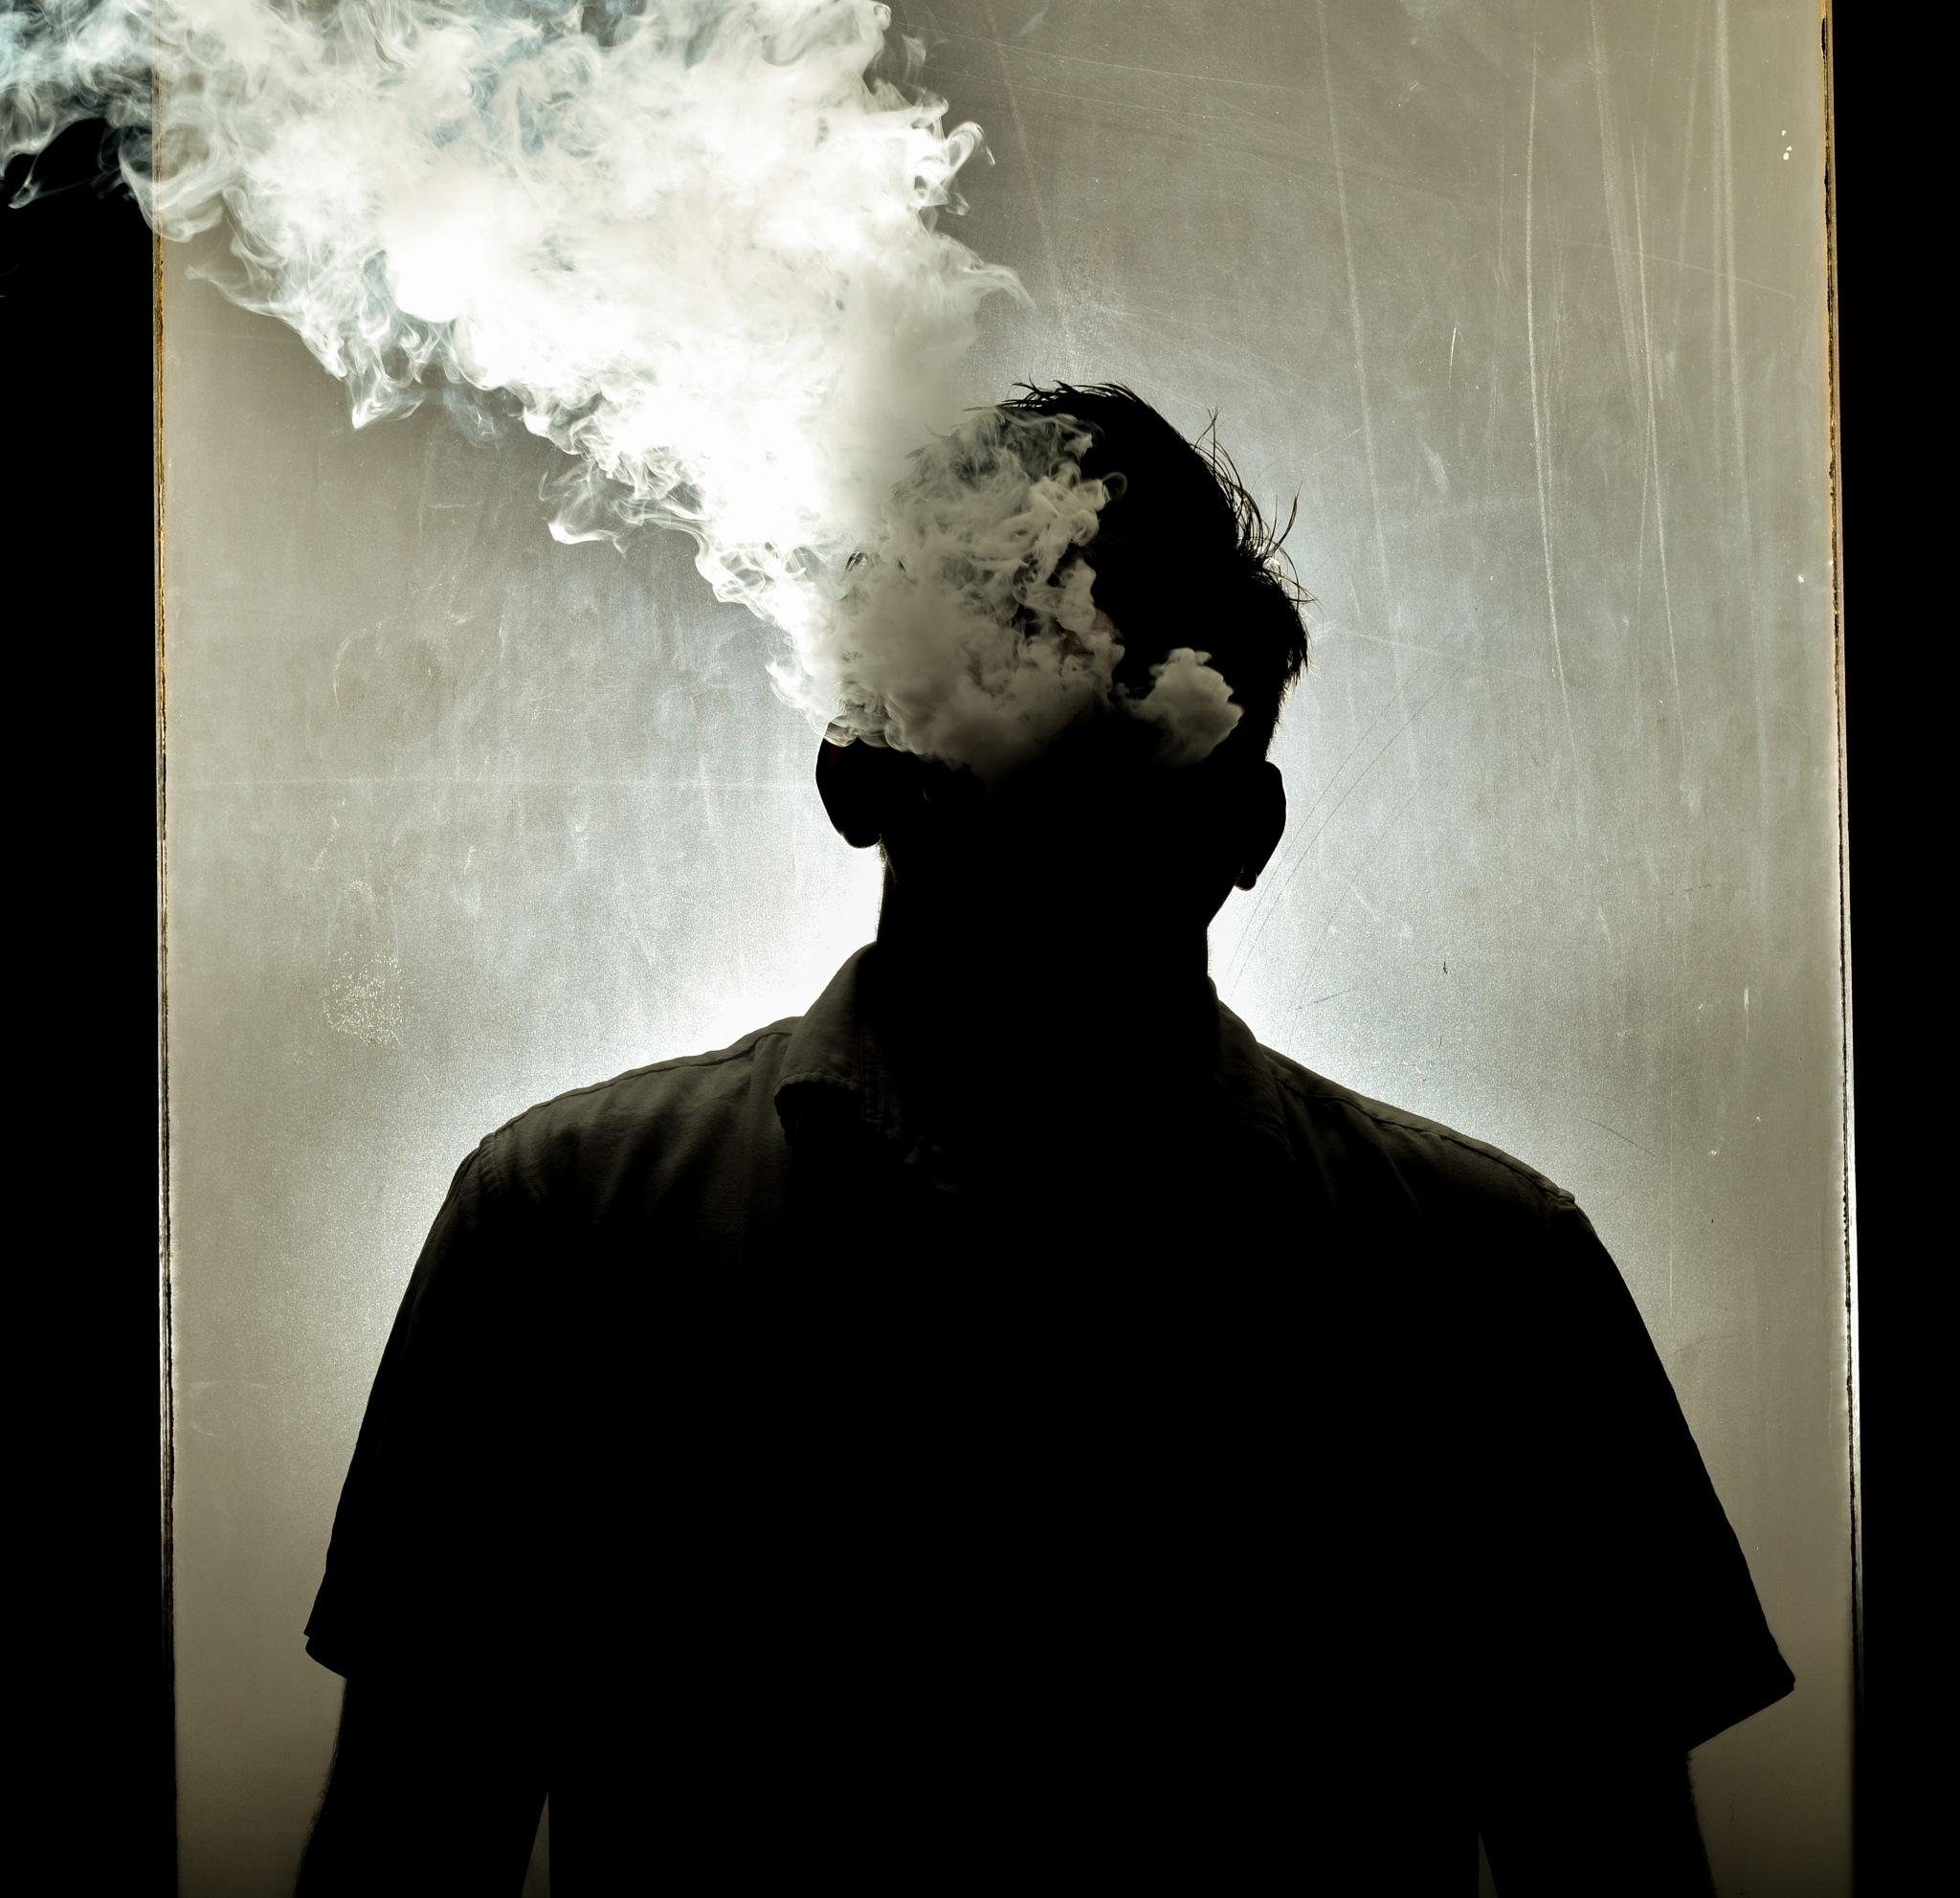 Smoke  by Immaphotography